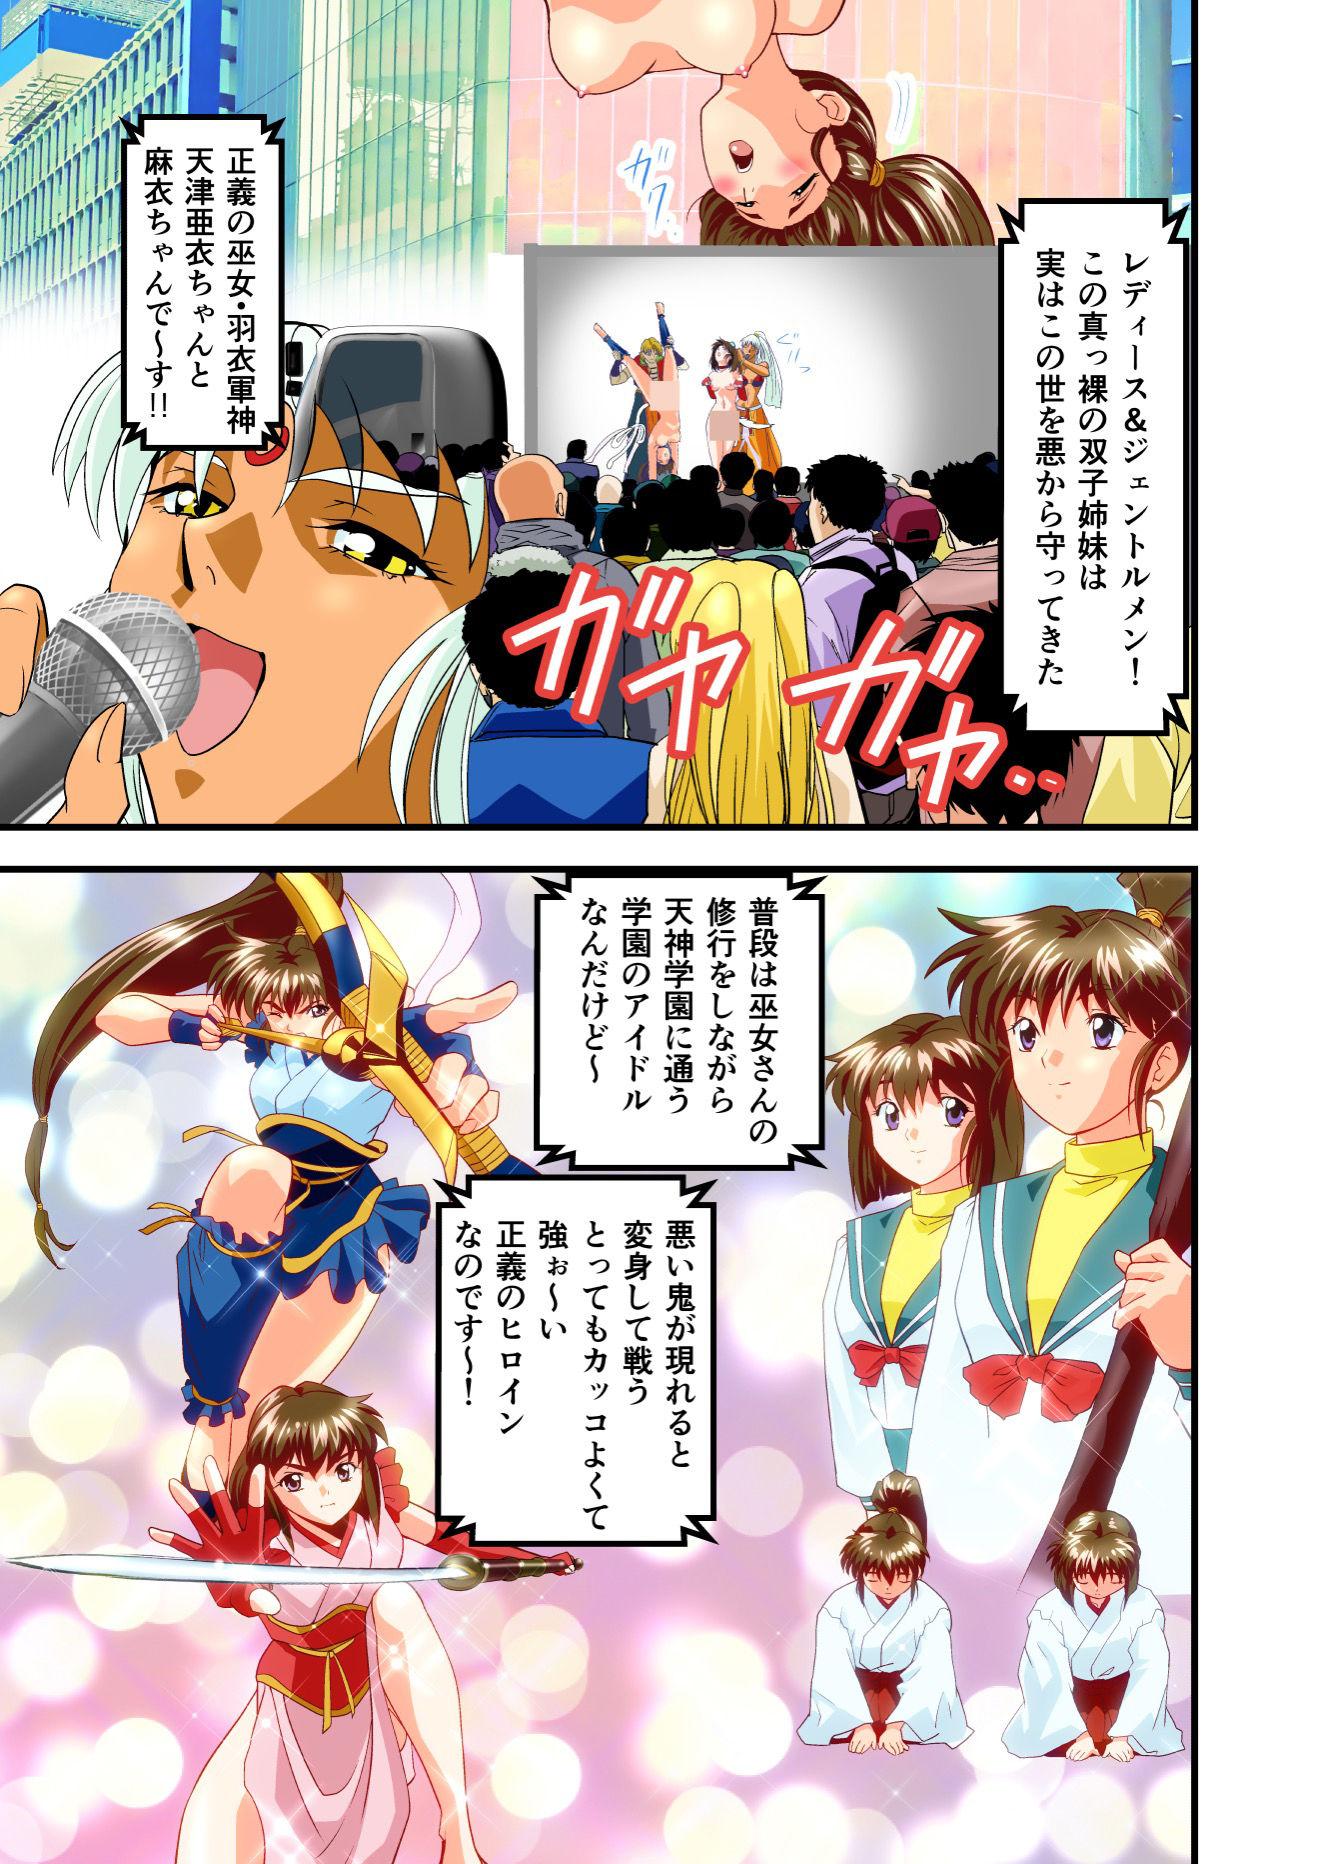 【淫獣聖戦 同人】AngelXXincidenT4・邪淫凱歌フルカラー版